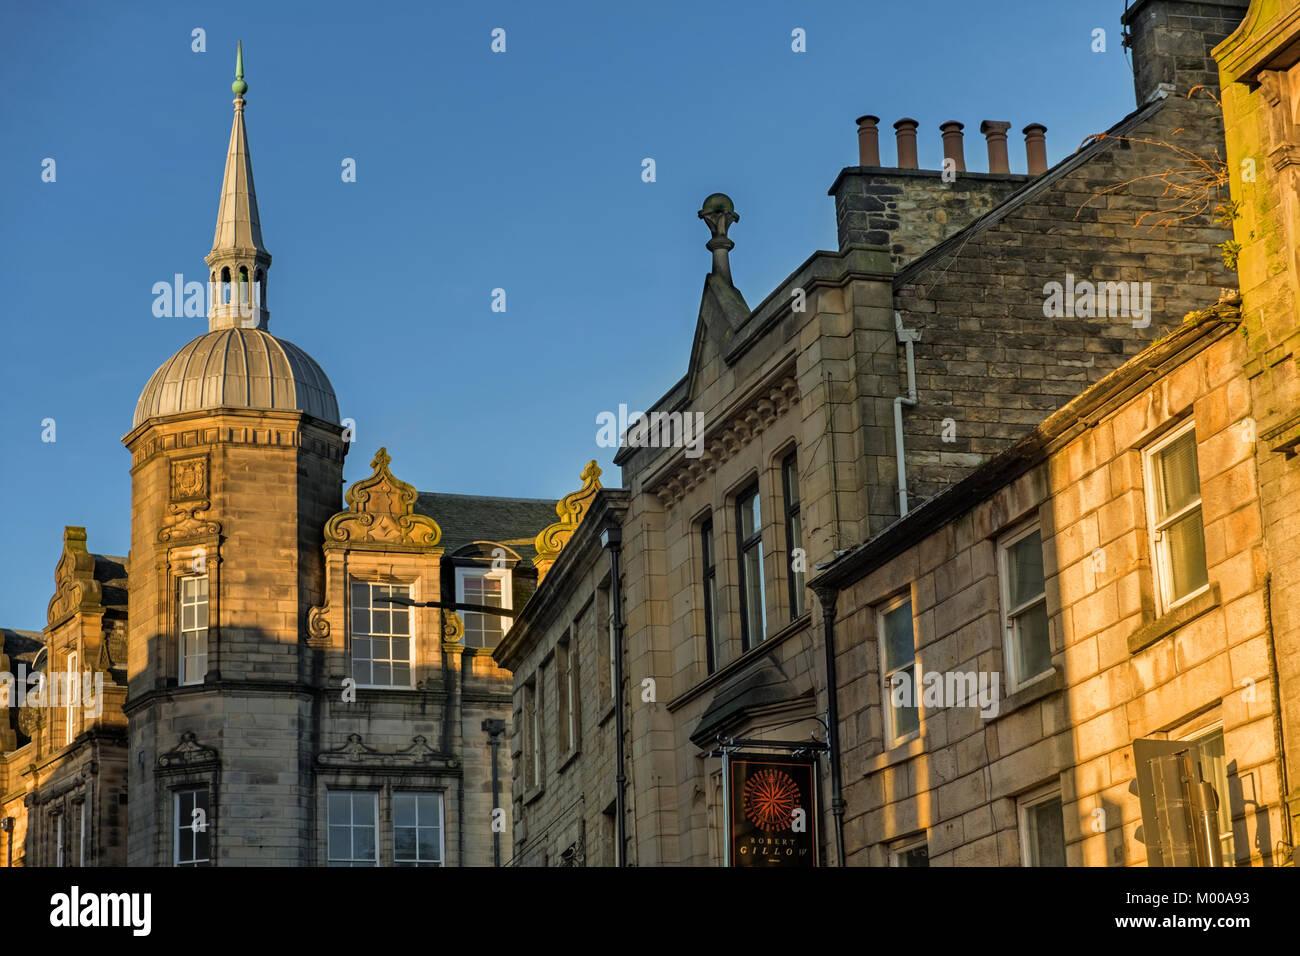 The Storey Lancaster Lancashire UK - Stock Image